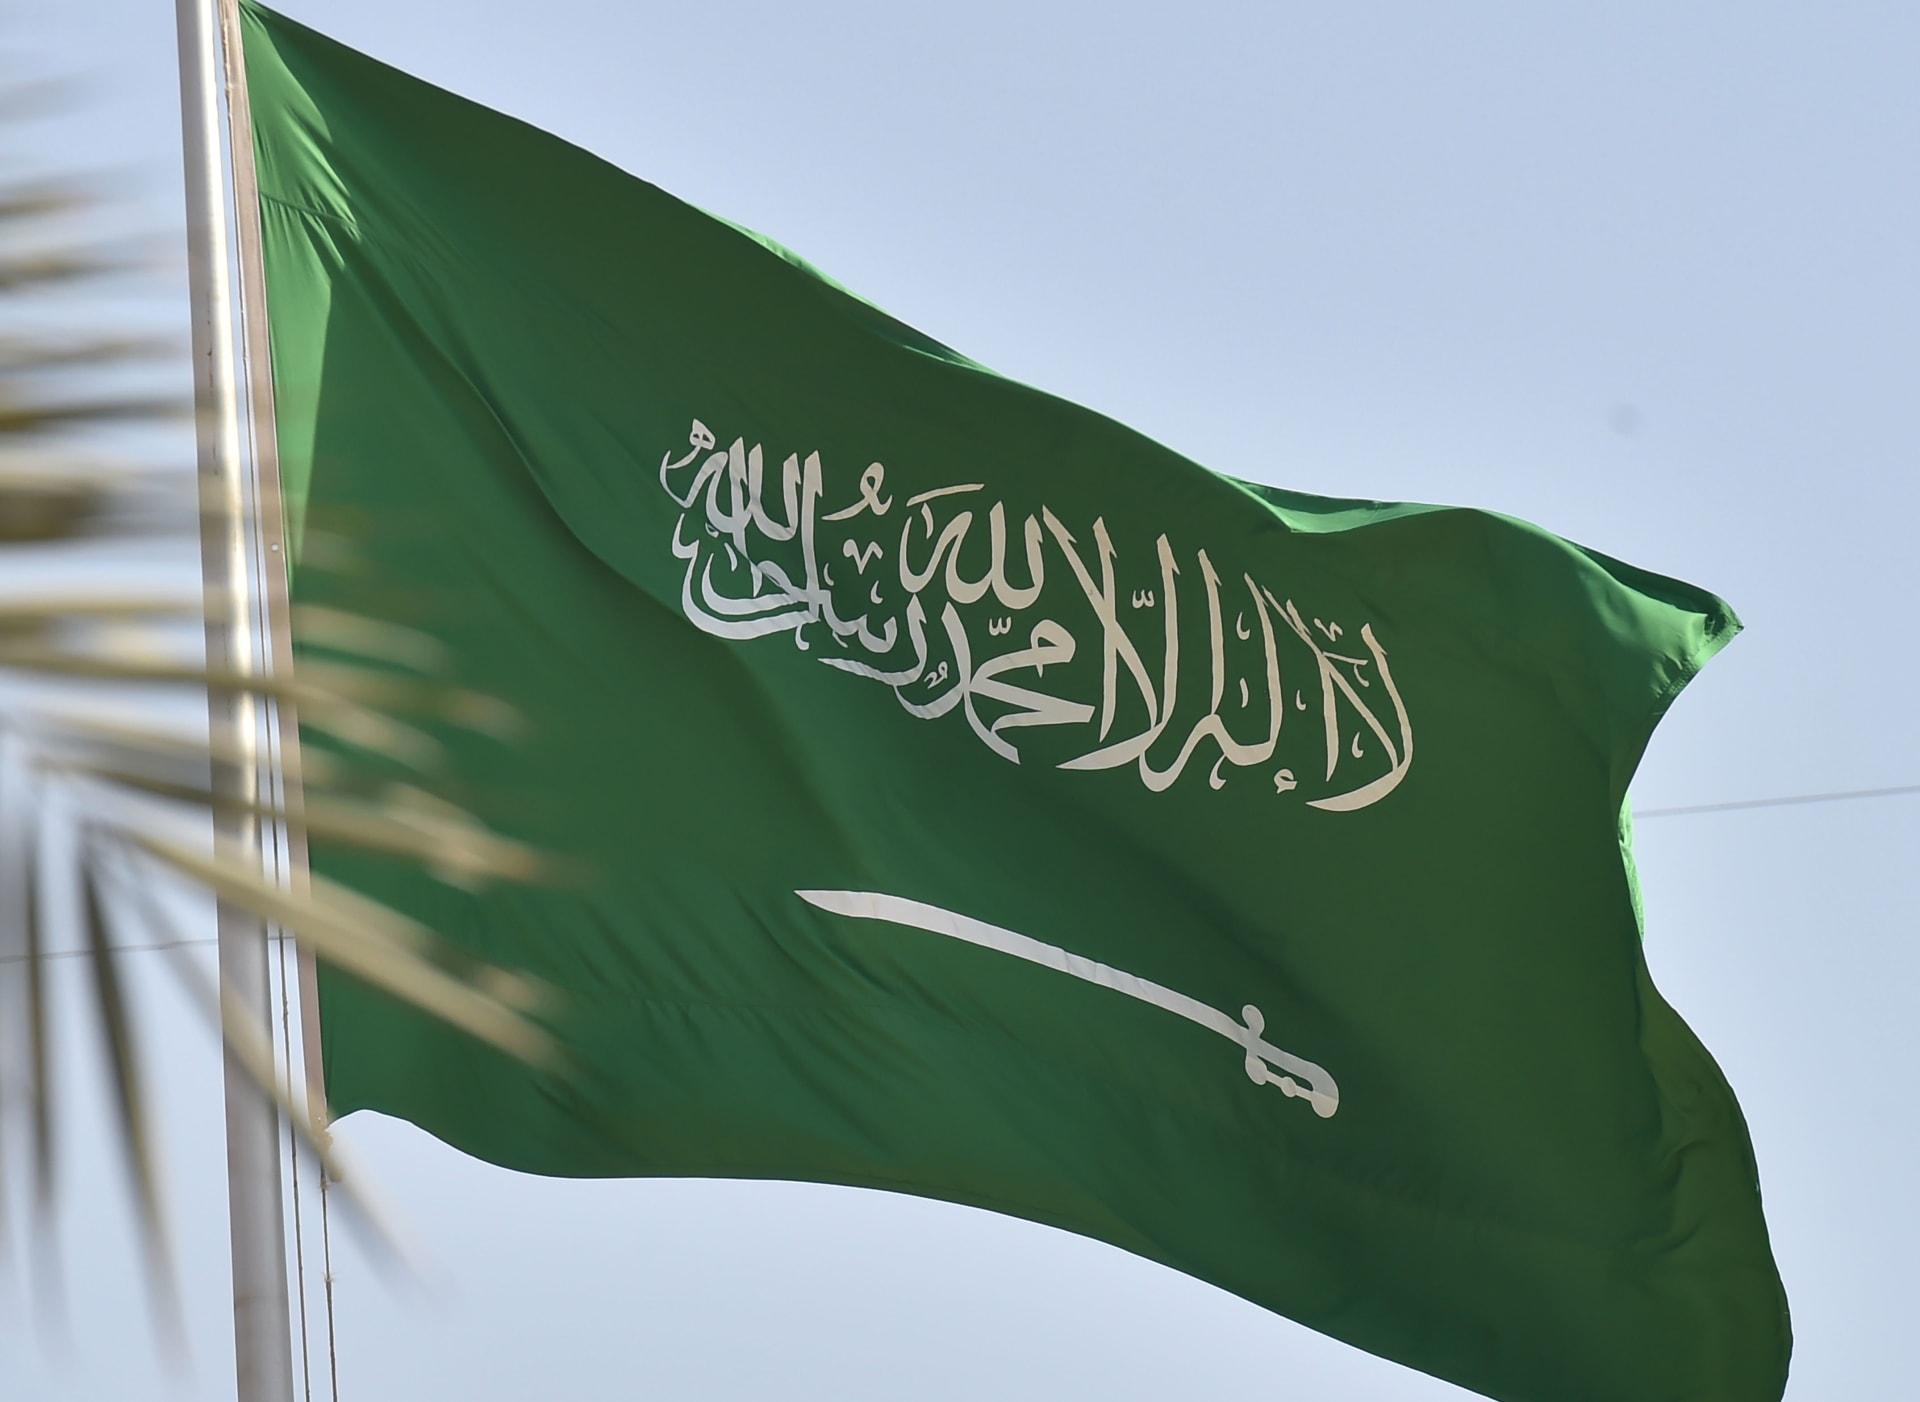 شقيقة لجين الهذلول تنتقد القضاء السعودي: كيف يمكن اكتشاف عدم اختصاص المحكمة بعد سنة و8 أشهر من القضية؟